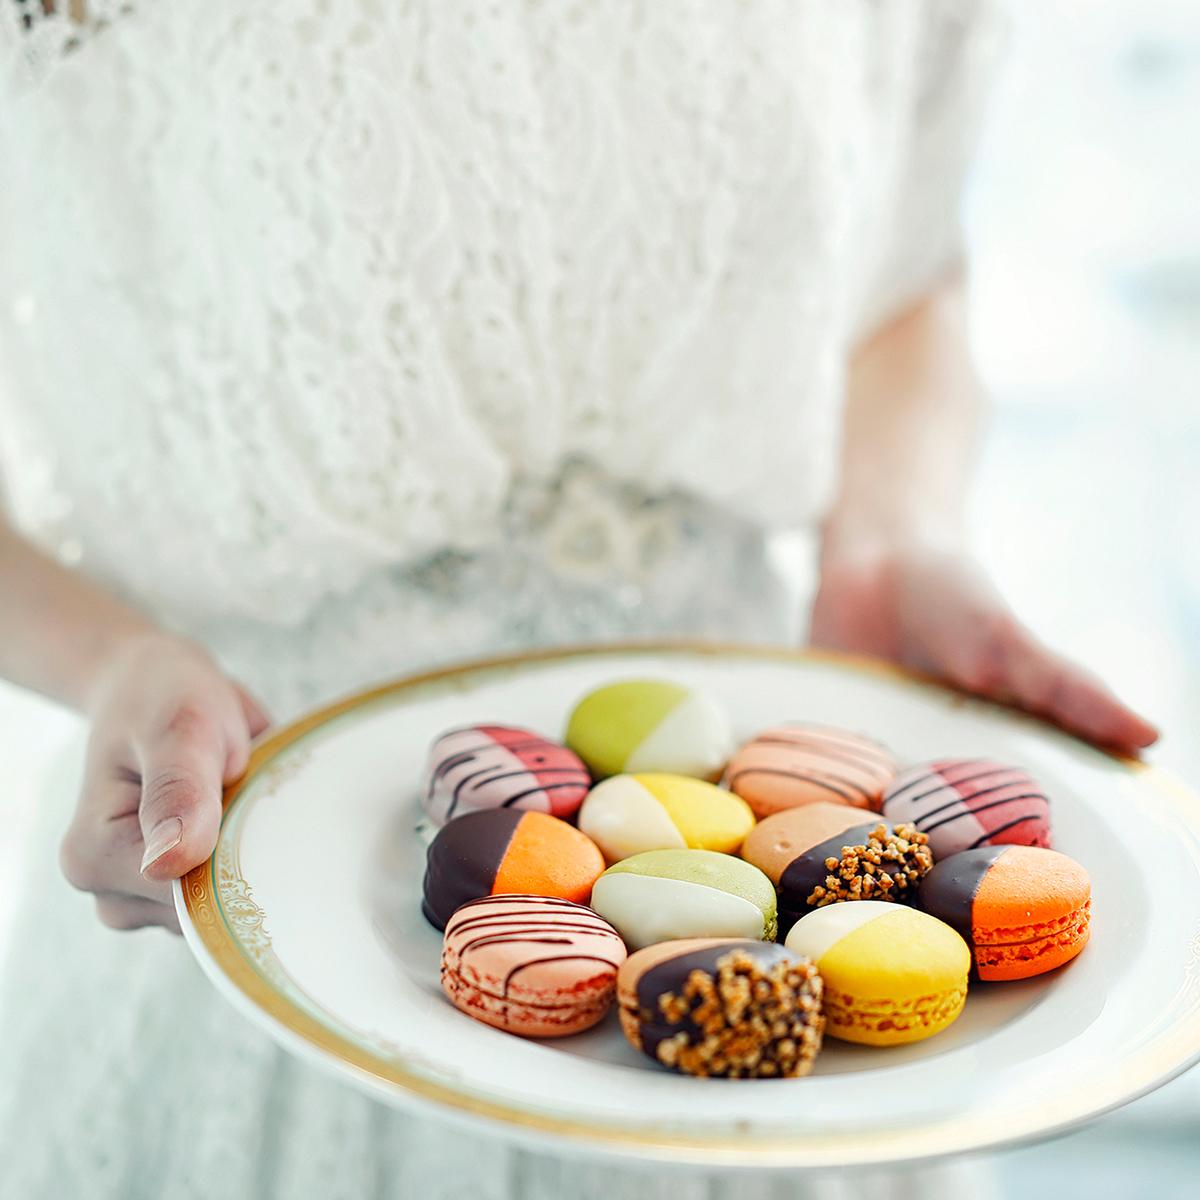 ゲストが本当に嬉しい引菓子選びのヒント♪新着情報イメージ2